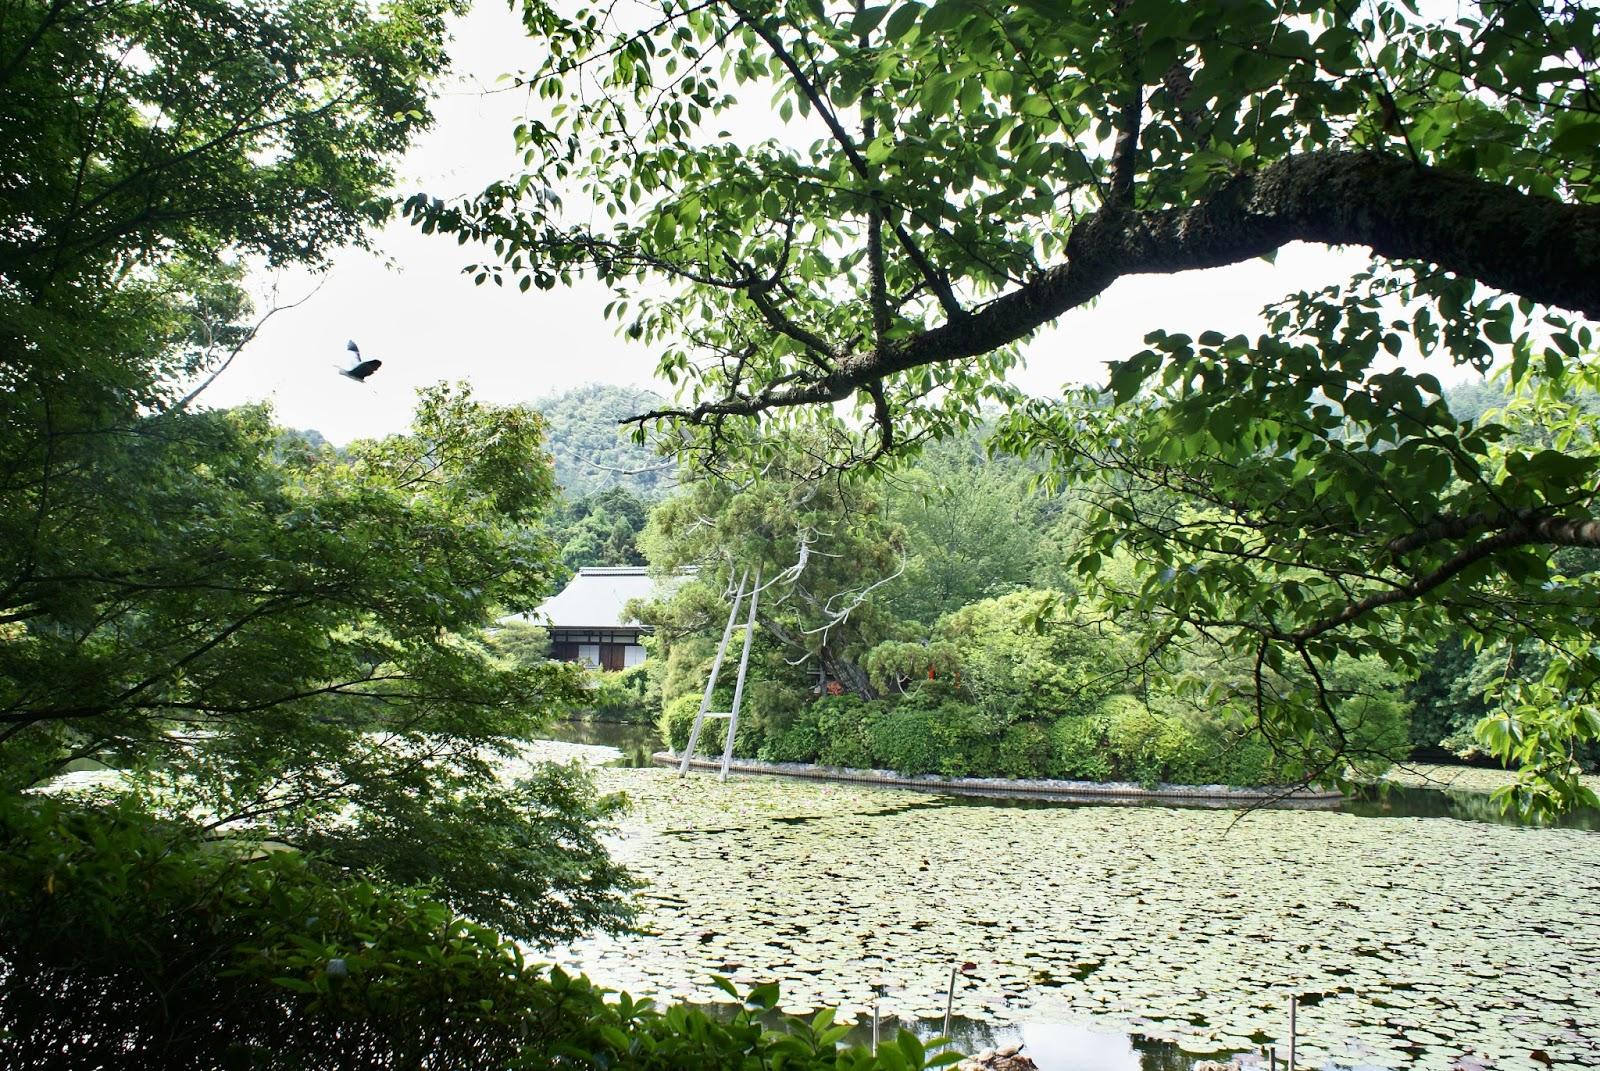 ryoan ji buddhist temple kyoto kansai japan asia